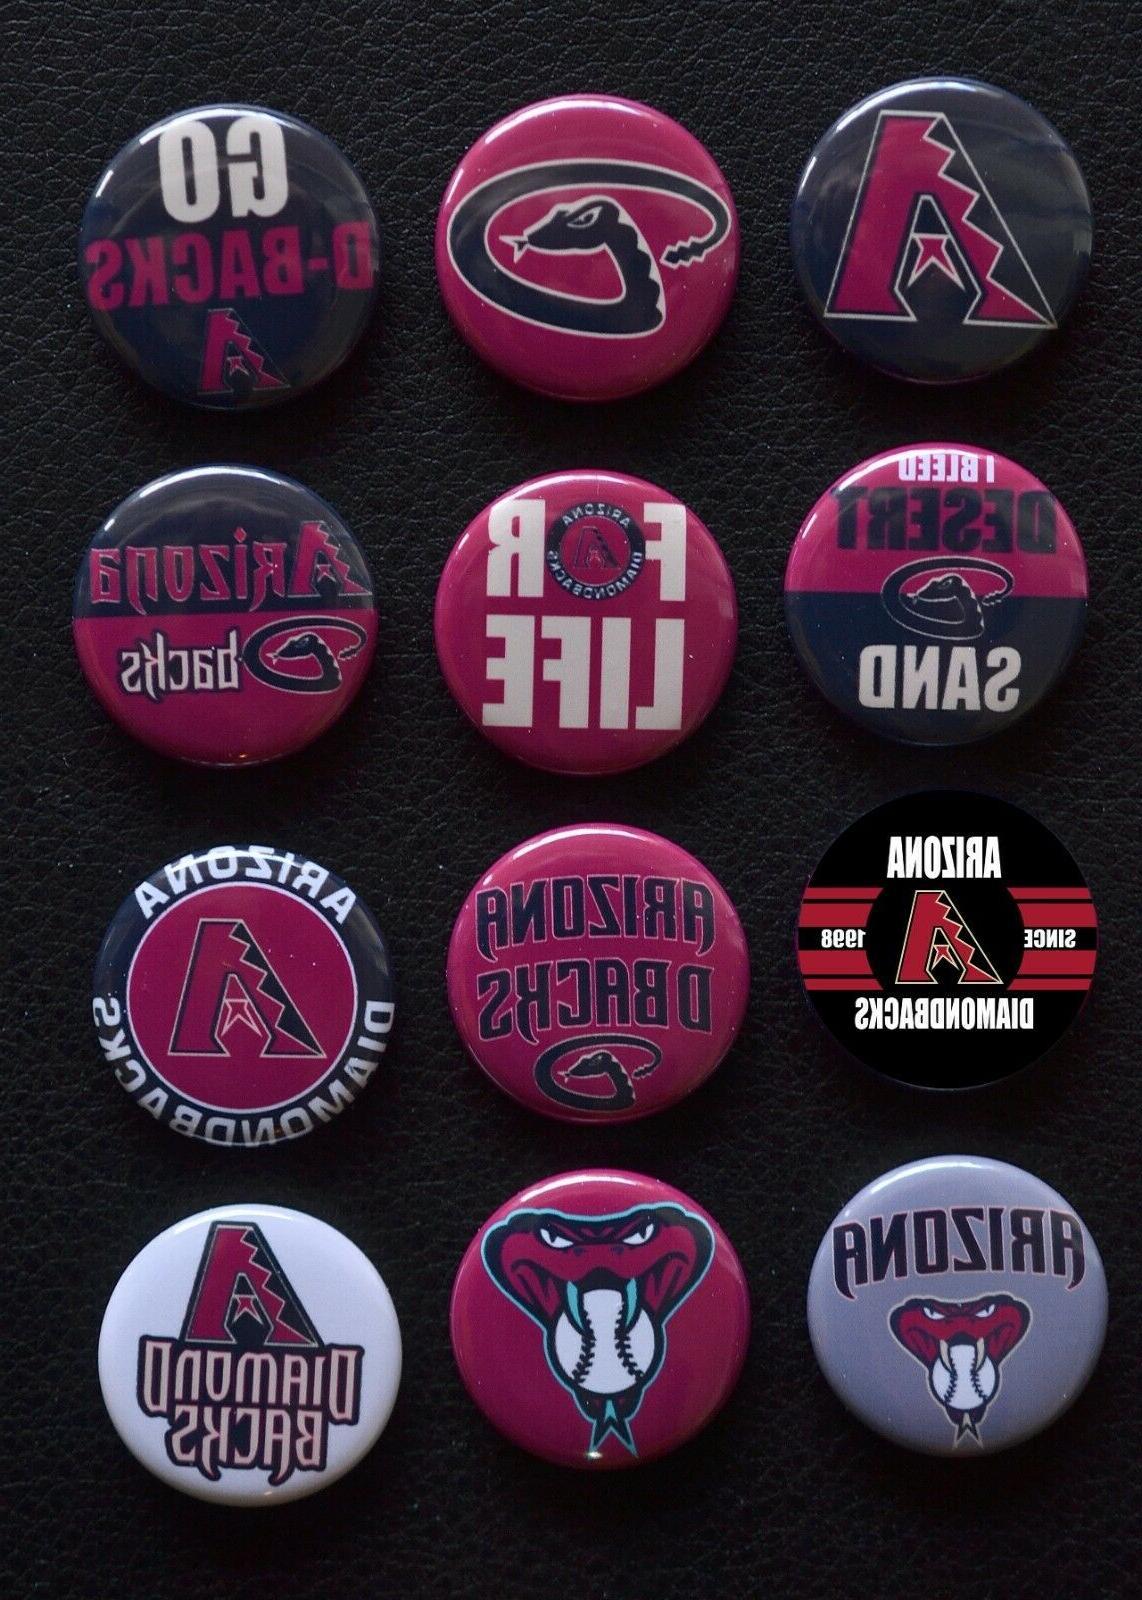 Arizona - Badge 12